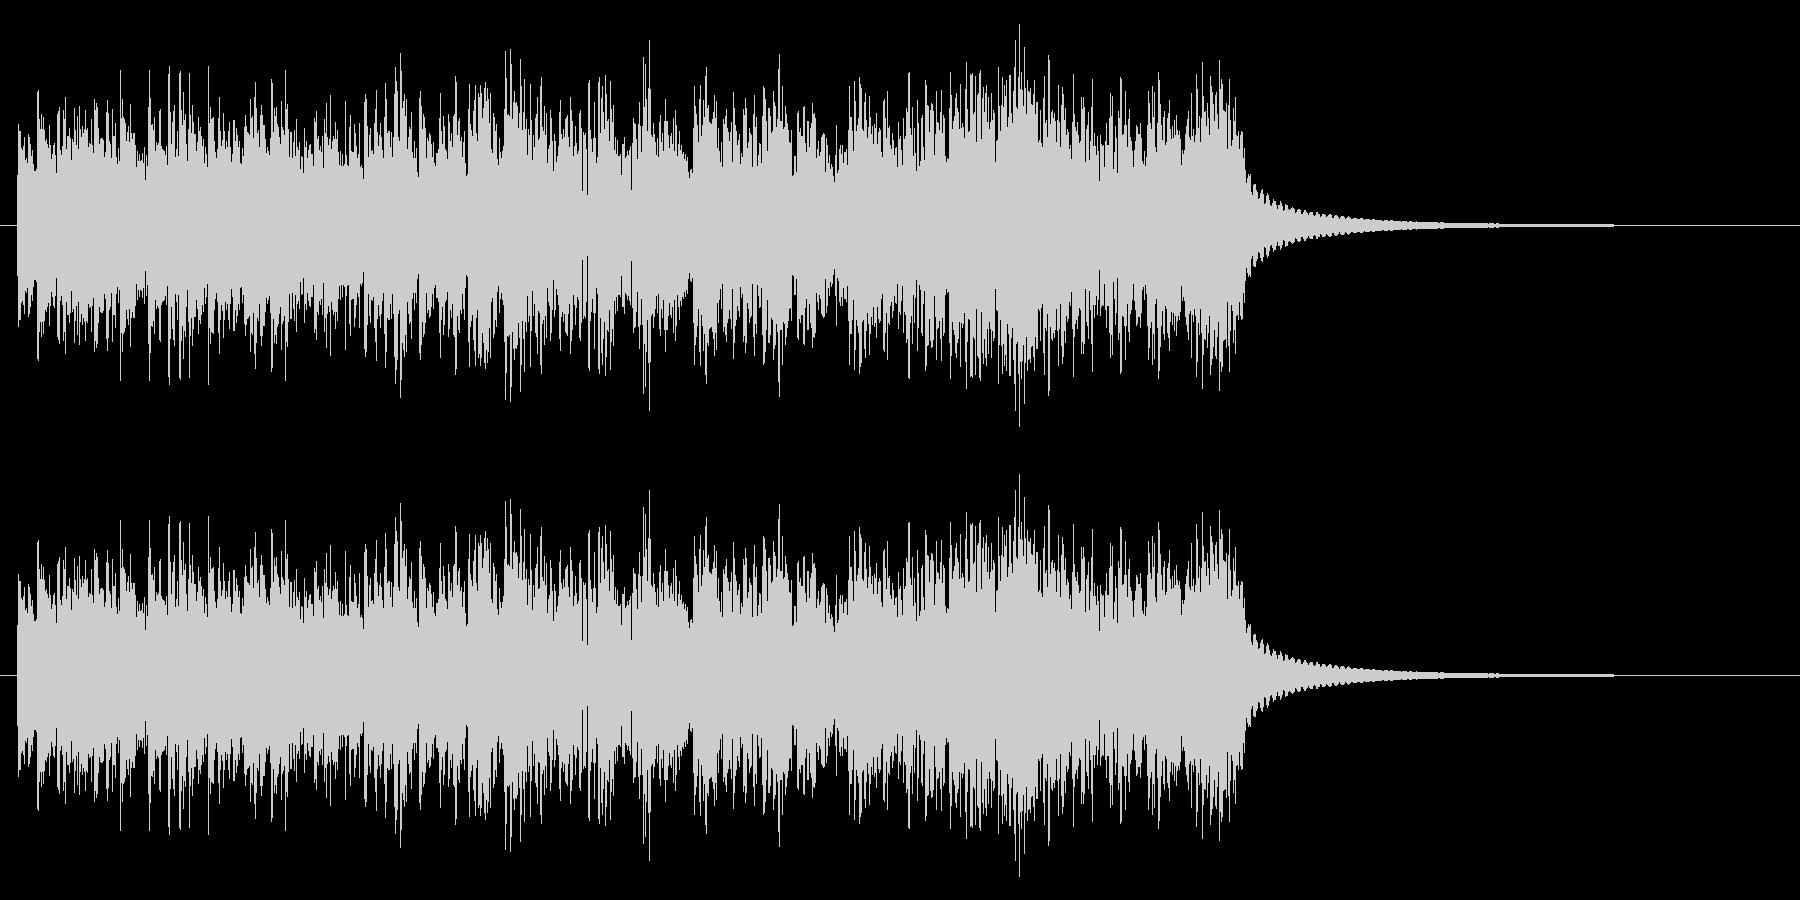 時計 アラーム04-02(弱)の未再生の波形